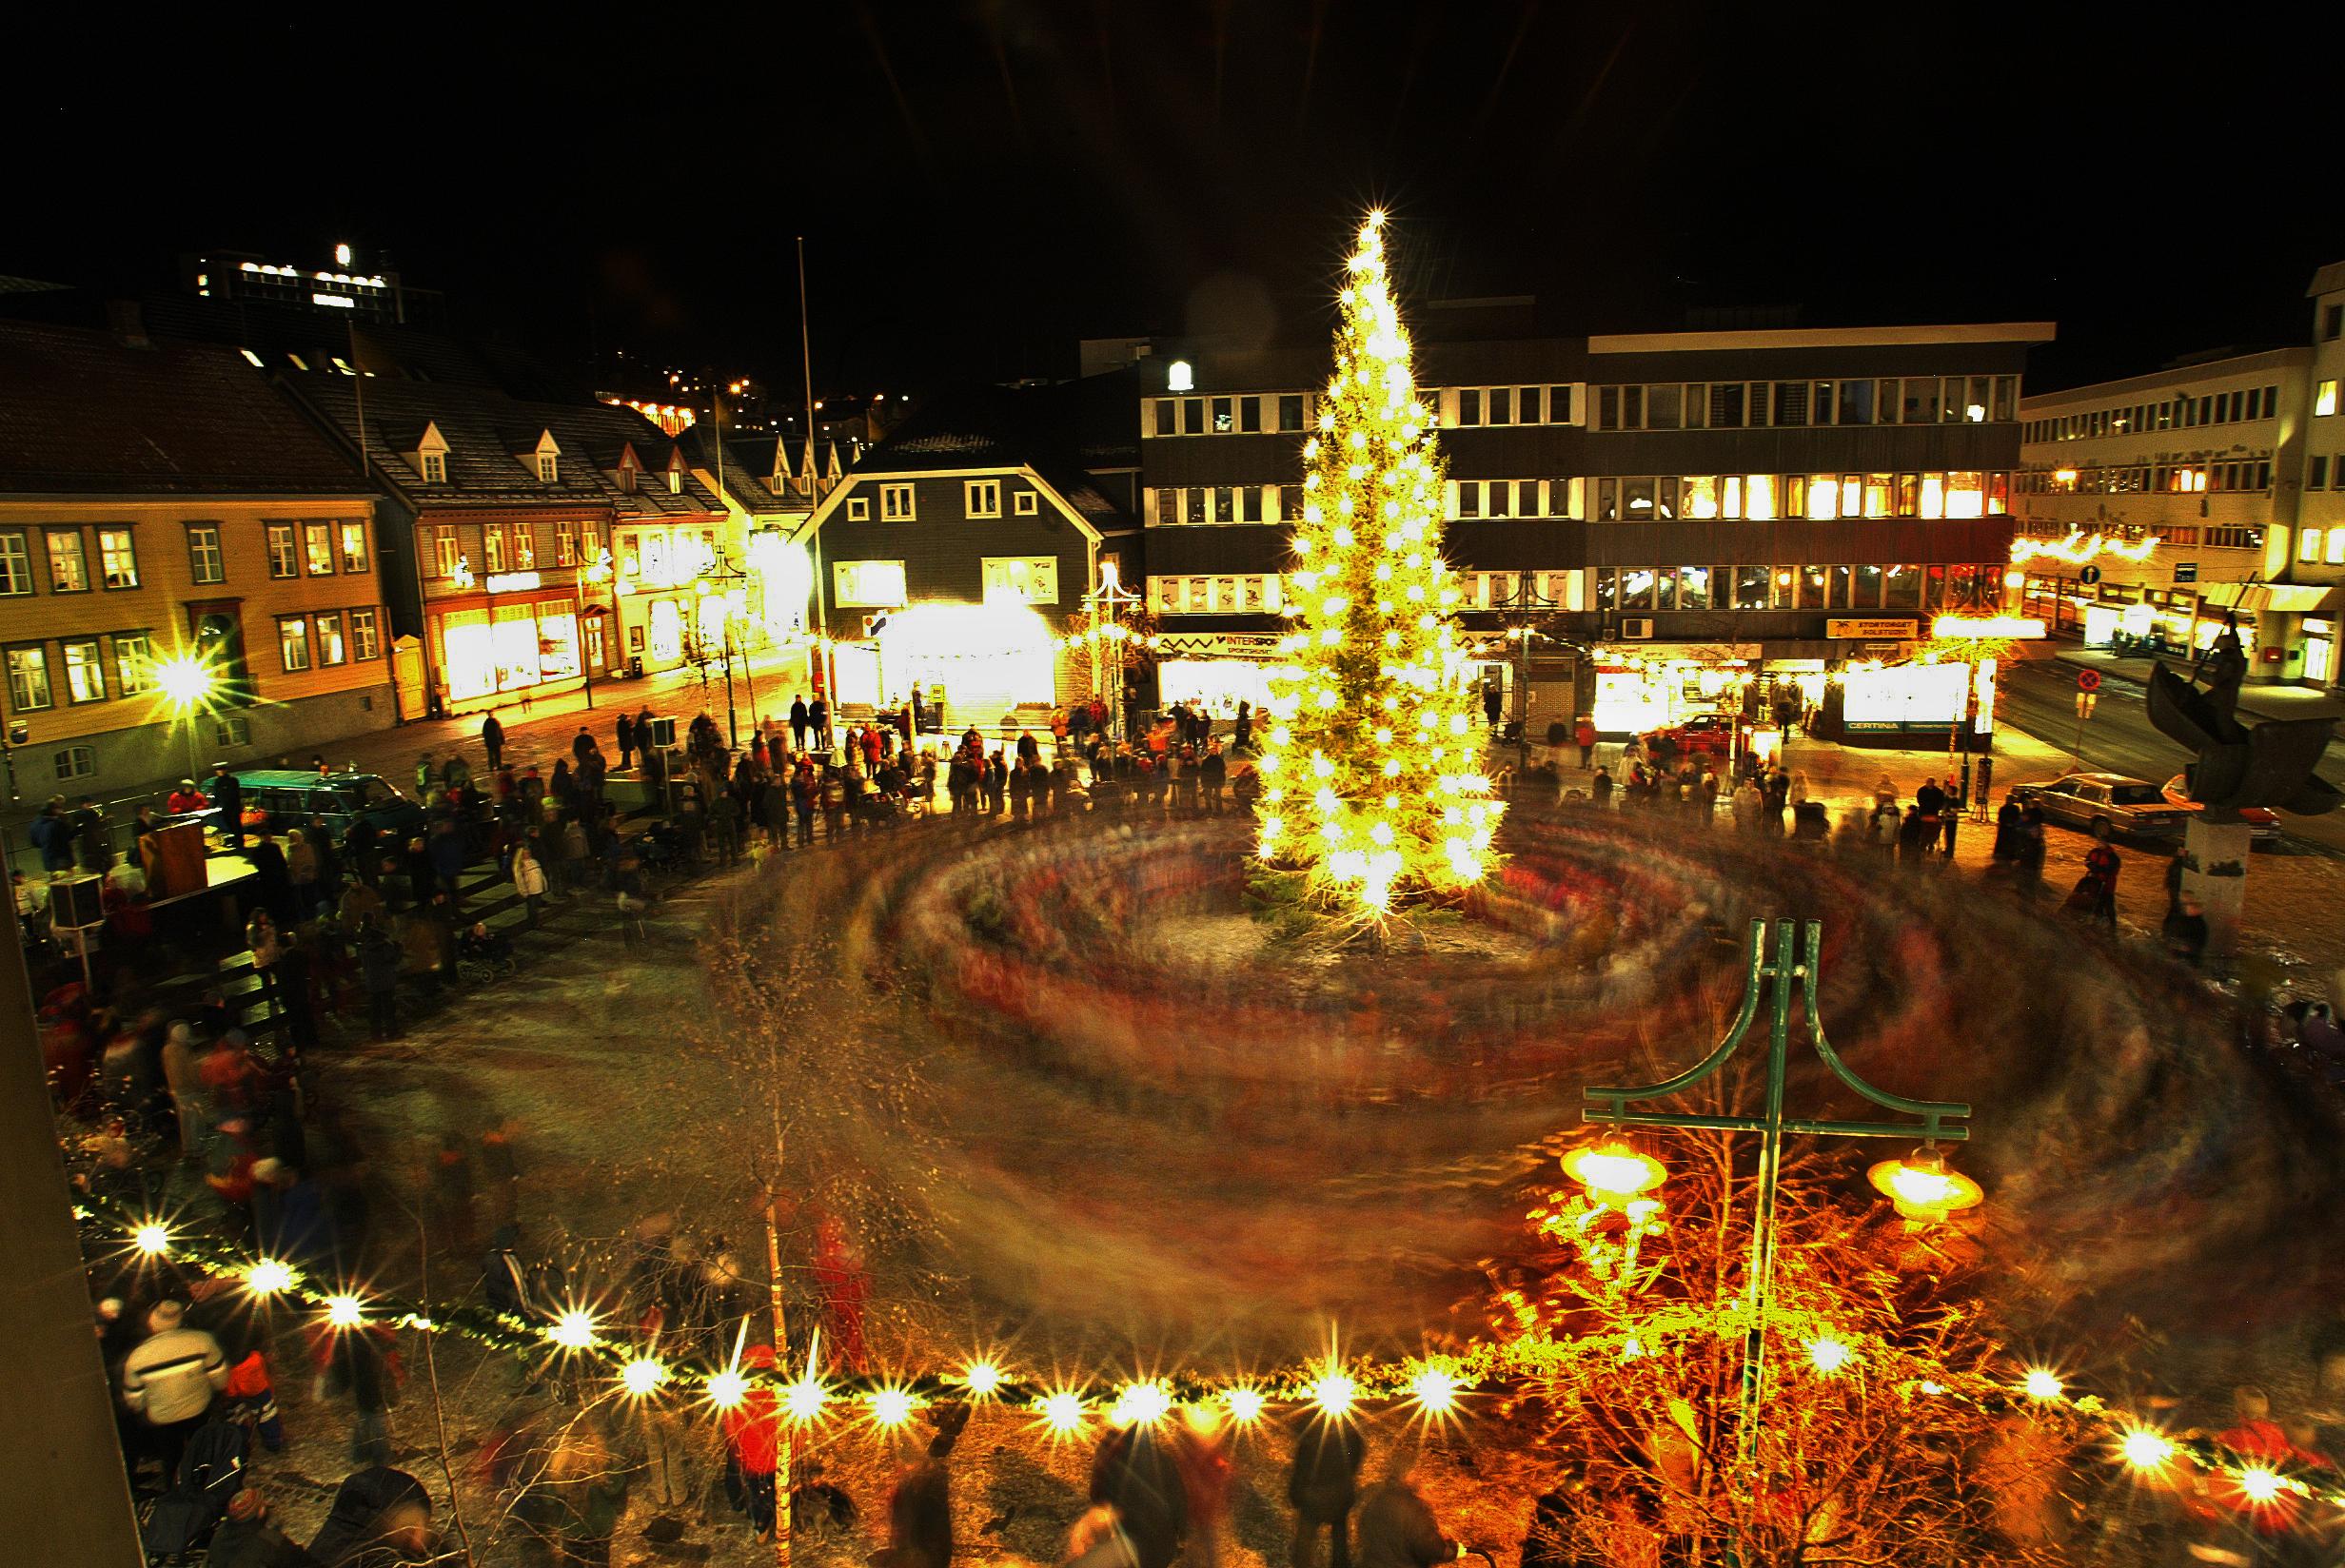 Feierliche Erleuchtung des Weihnachtsbaums in Tromsø am ersten Adventsonntag. Man geht um den Baum herum und singt Weihnachtslieder FOTO: YNGVE OLSEN SÆBBE / NORDLYS yngve.olsen.saebbe@nordlys.no